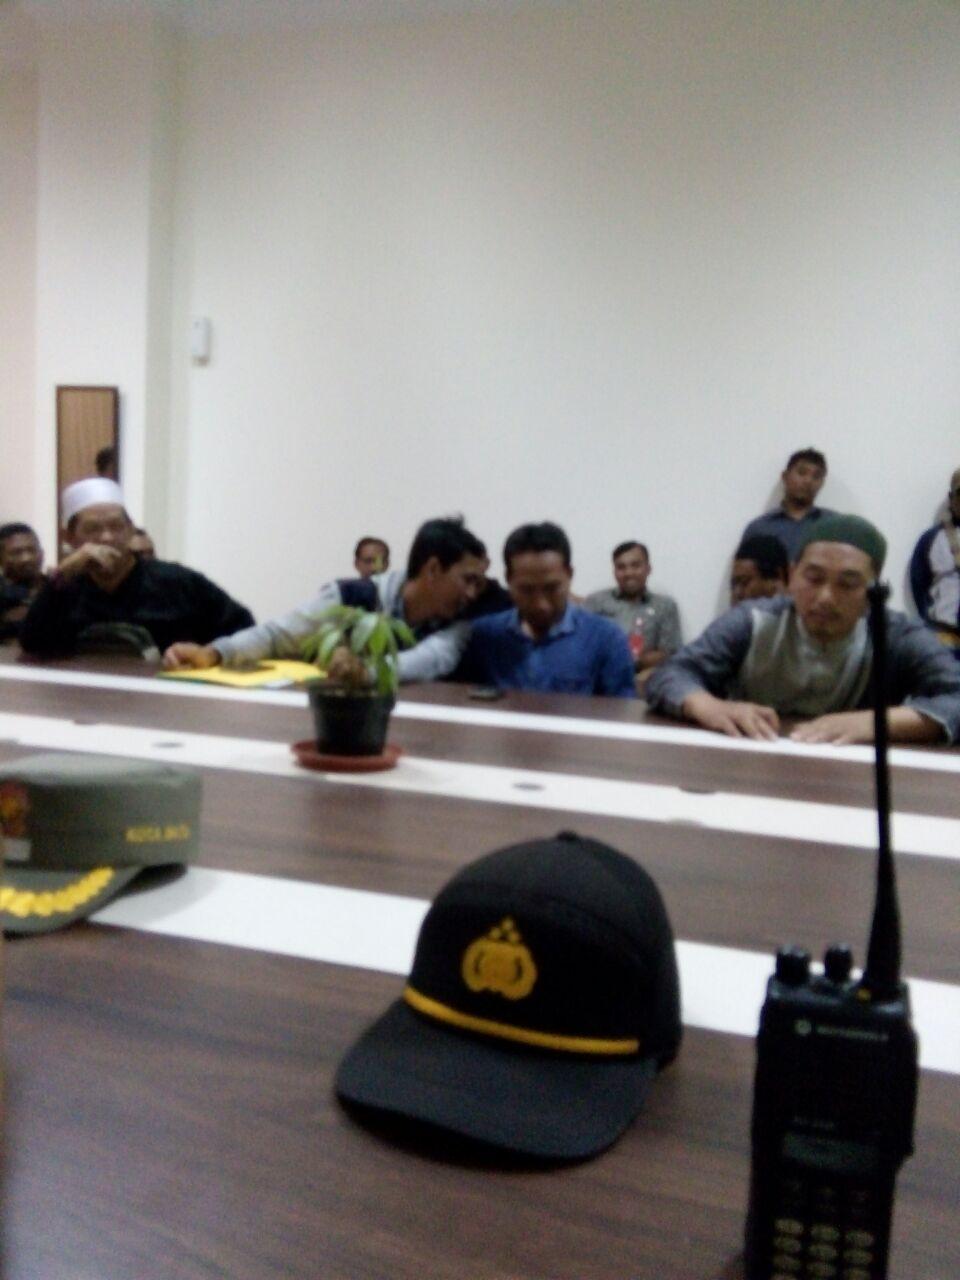 Kapolsek mengikuti acara Audensi Aksi Damai penyampaian Aspirasi Penolakan rencana pembangunan gedung serba guna dan kerohanian oleh Warga Desa Oro-Oro Ombo